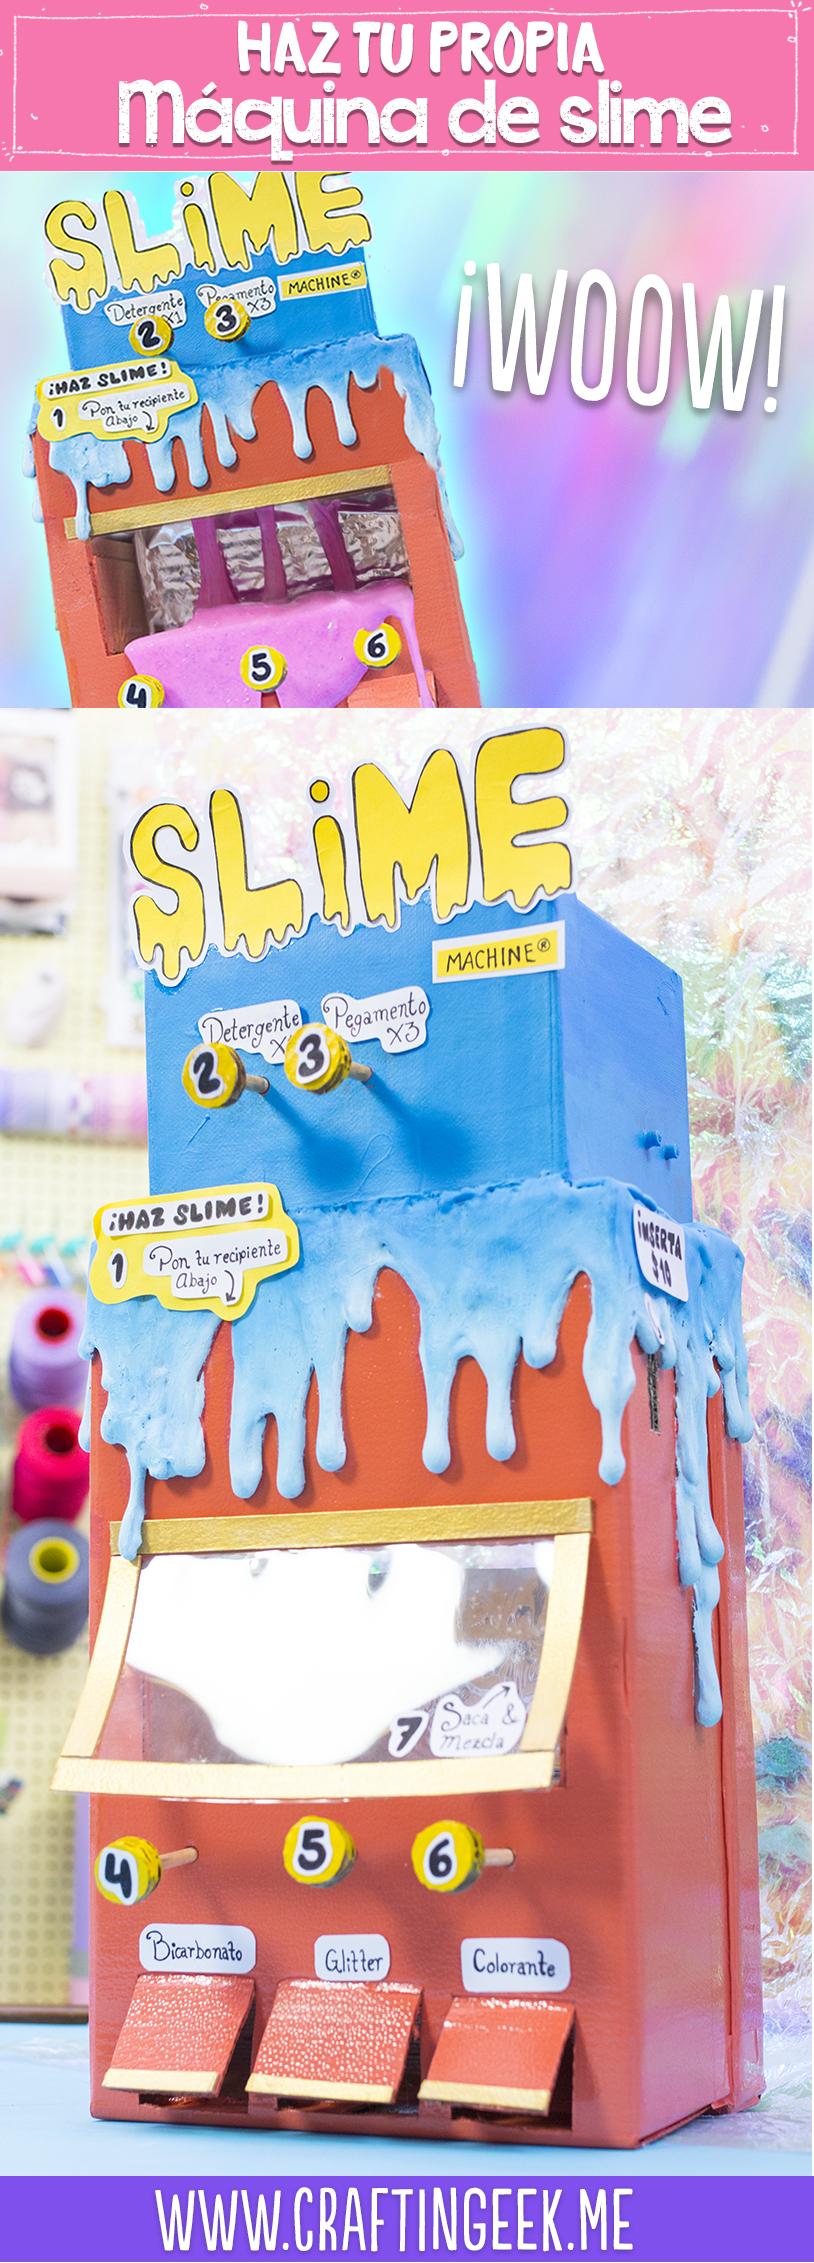 Haz una maquina para hacer slime